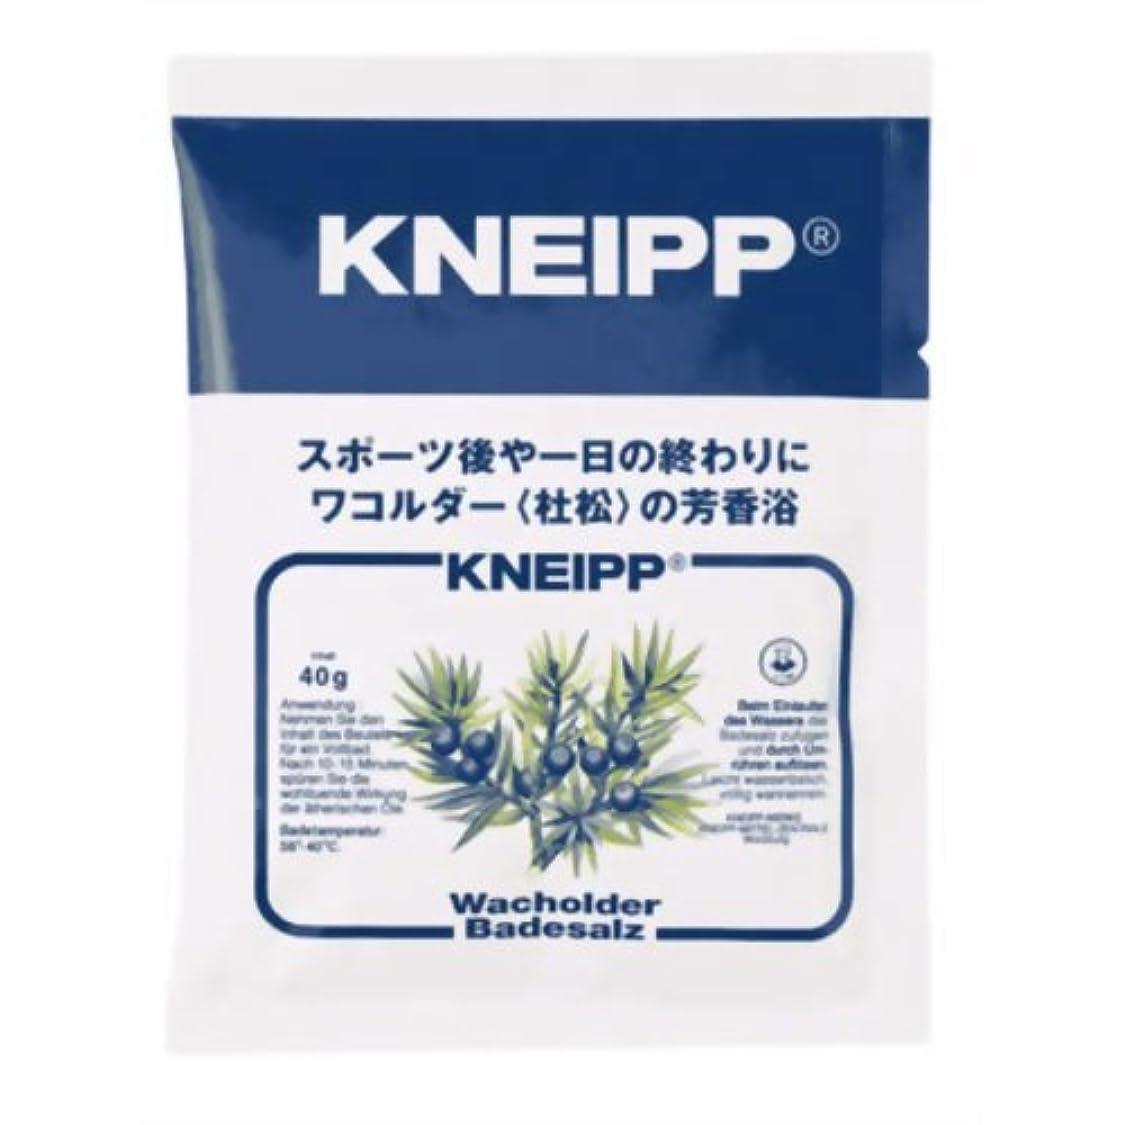 クナイプ バスソルト ワコルダーの香り 40g(入浴剤 バスソルト)